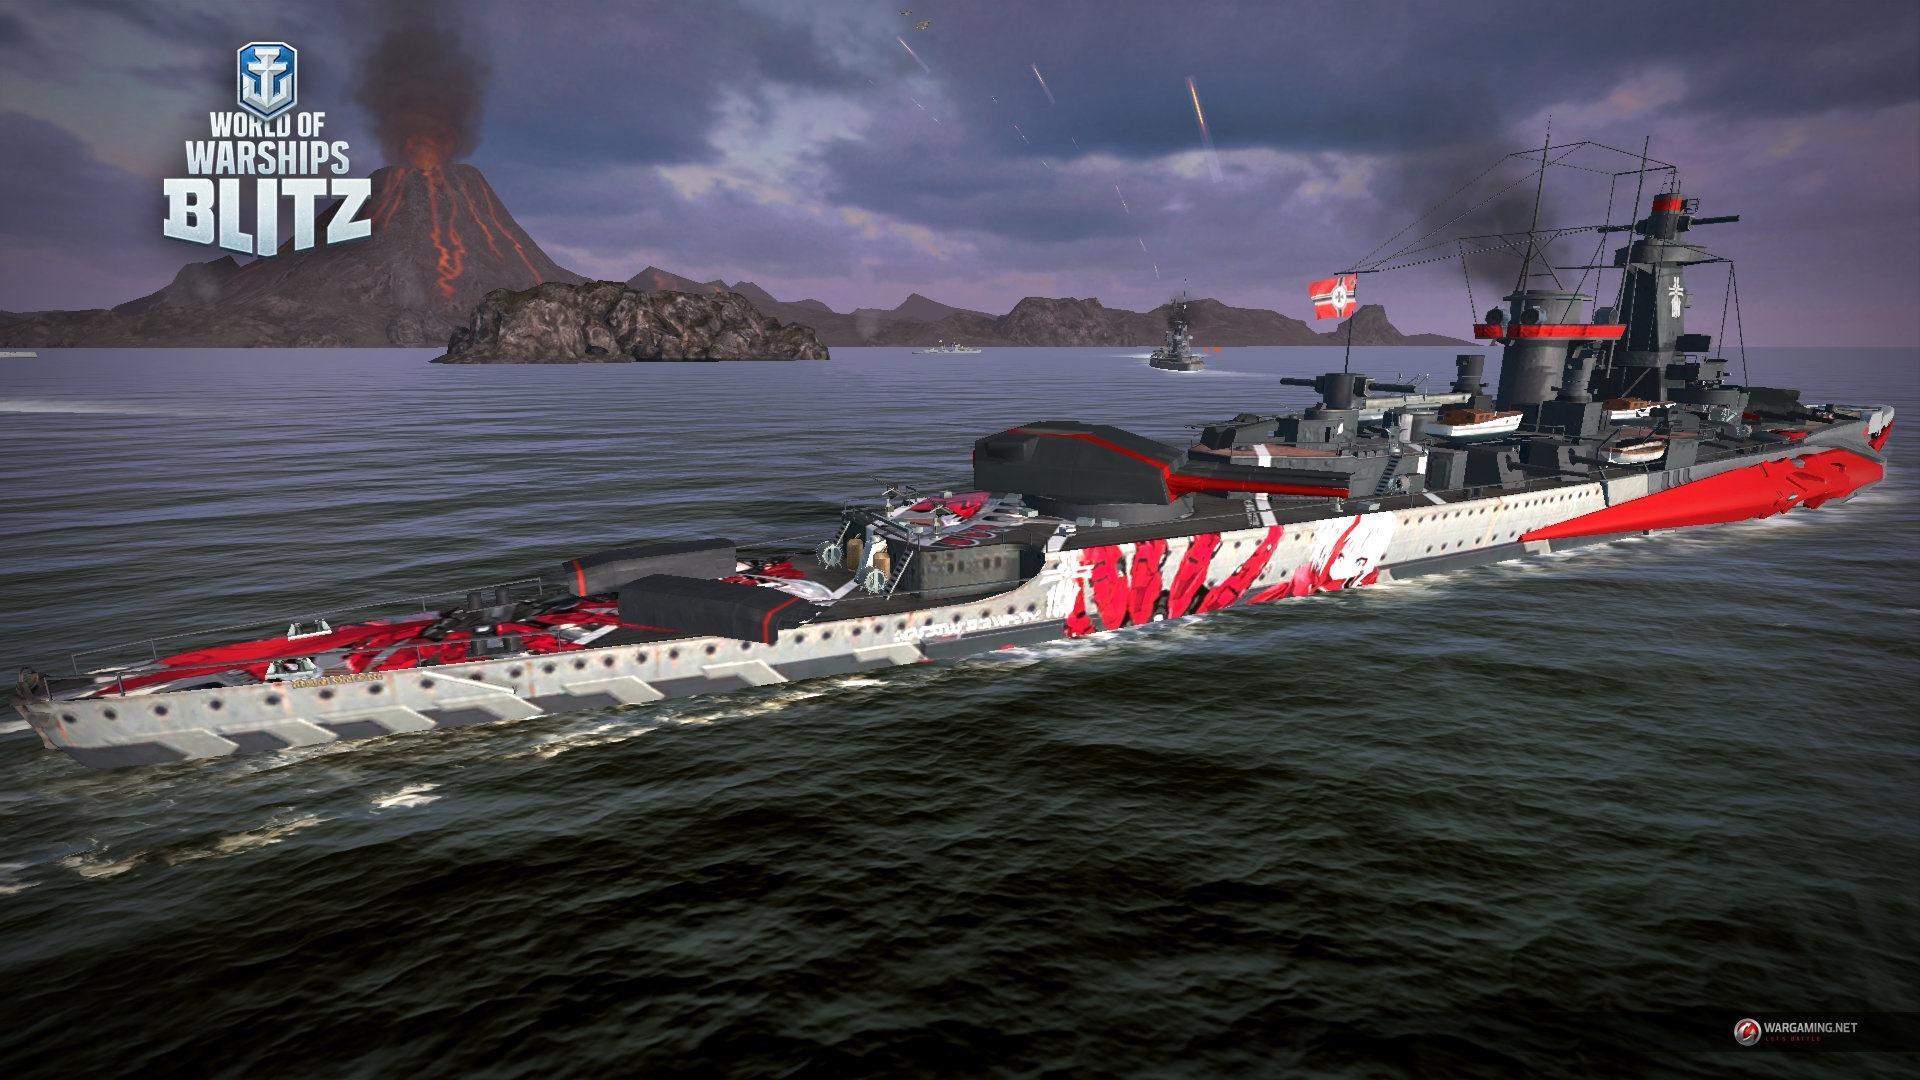 Стартовал кроссовер World of Warships Blitz и аниме-игры Azur Lane